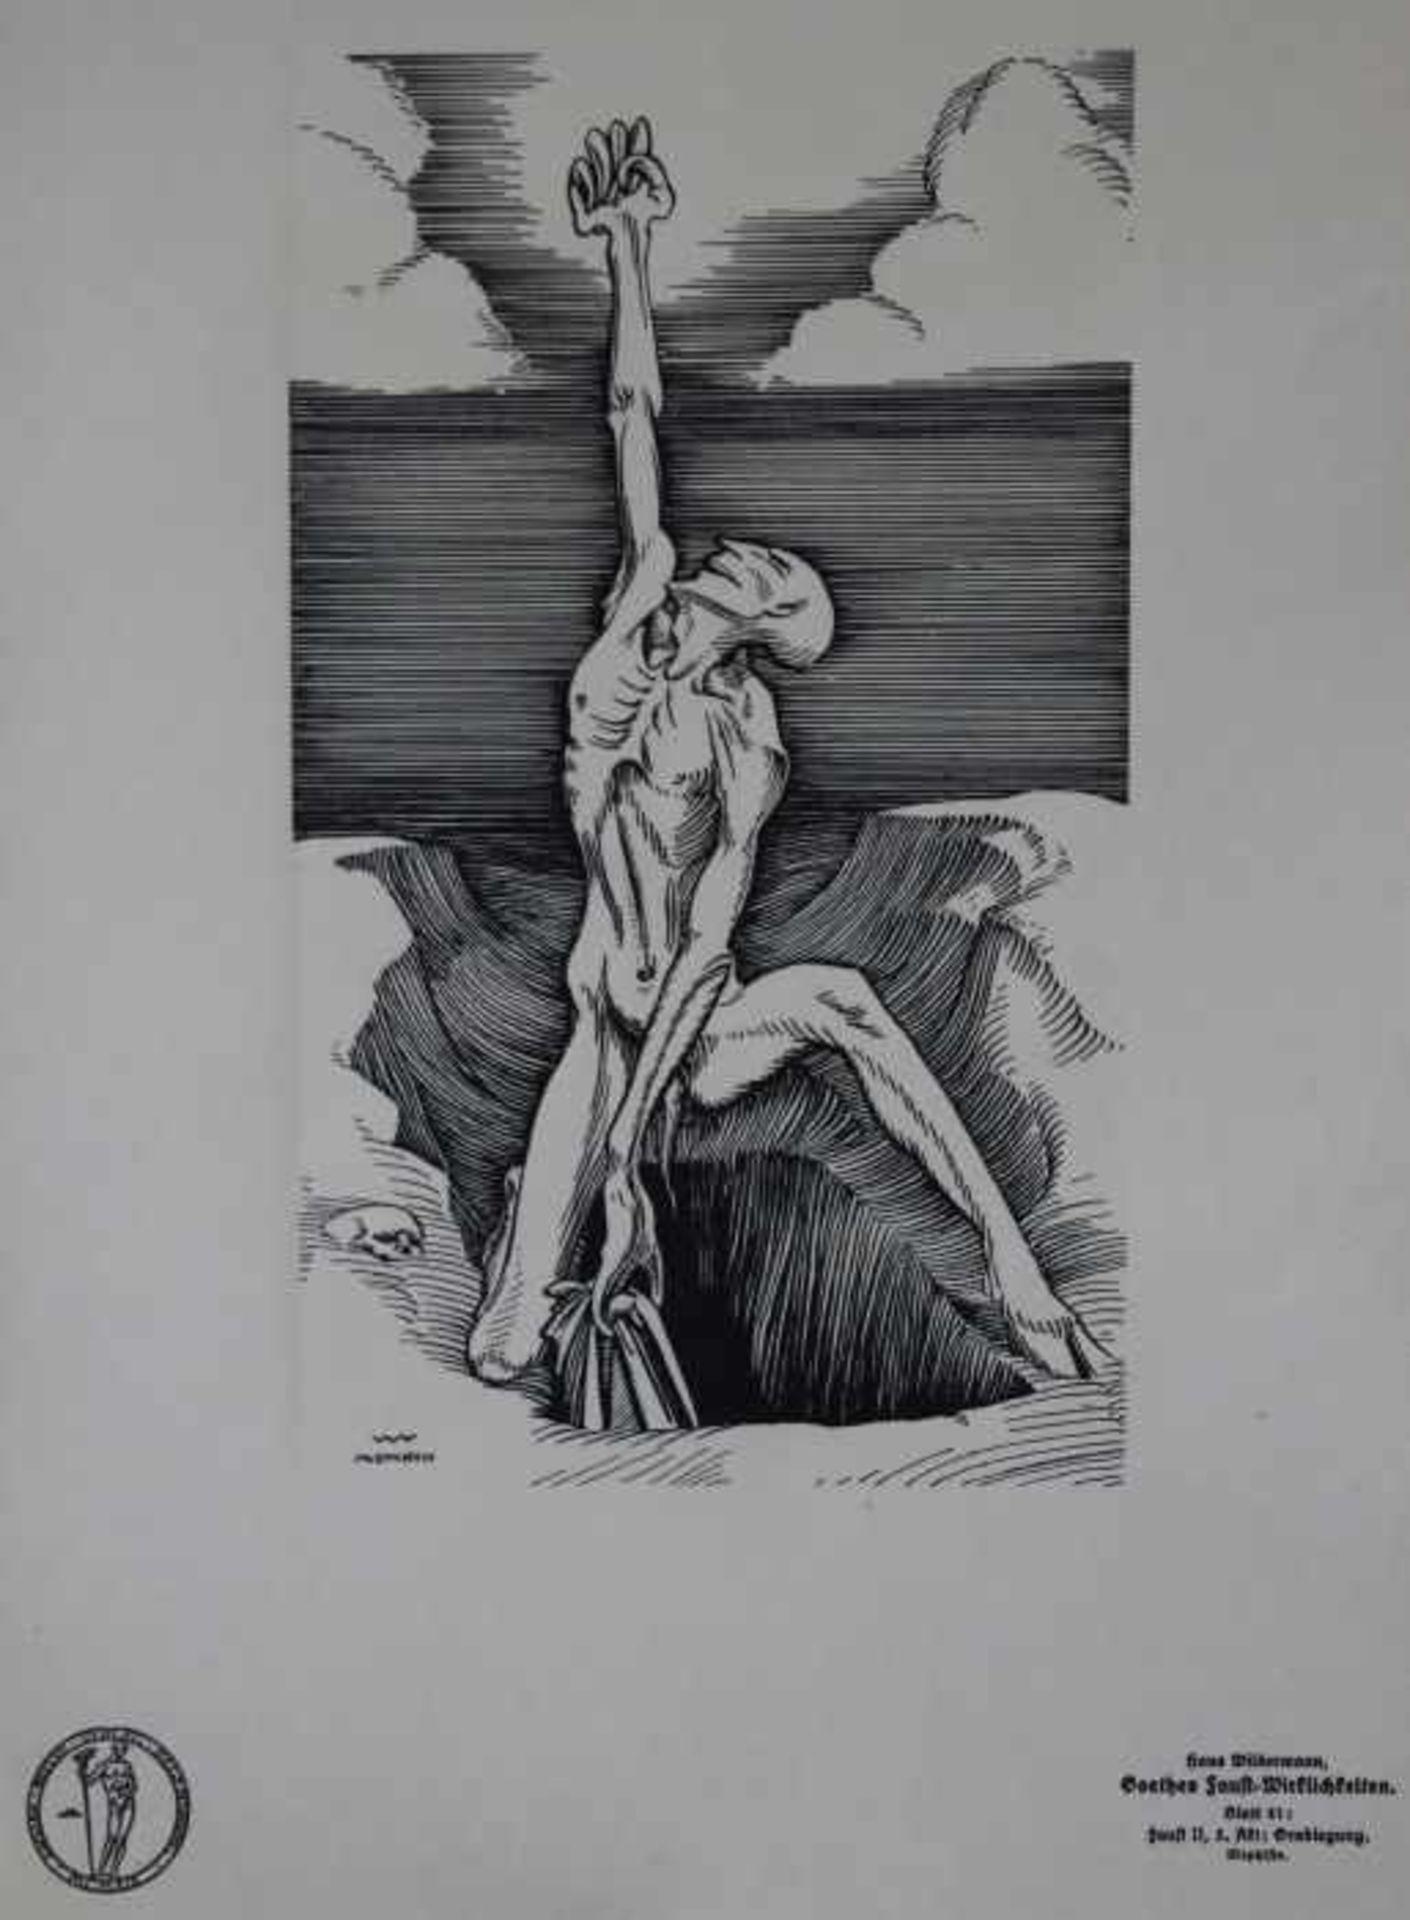 """Los 58 - Mappenwerk - Hans Wilhelm Wildermann (1884 Kalk - 1954 Köln) """"Wirklichkeiten"""", 48 Blätter zu Goethes"""